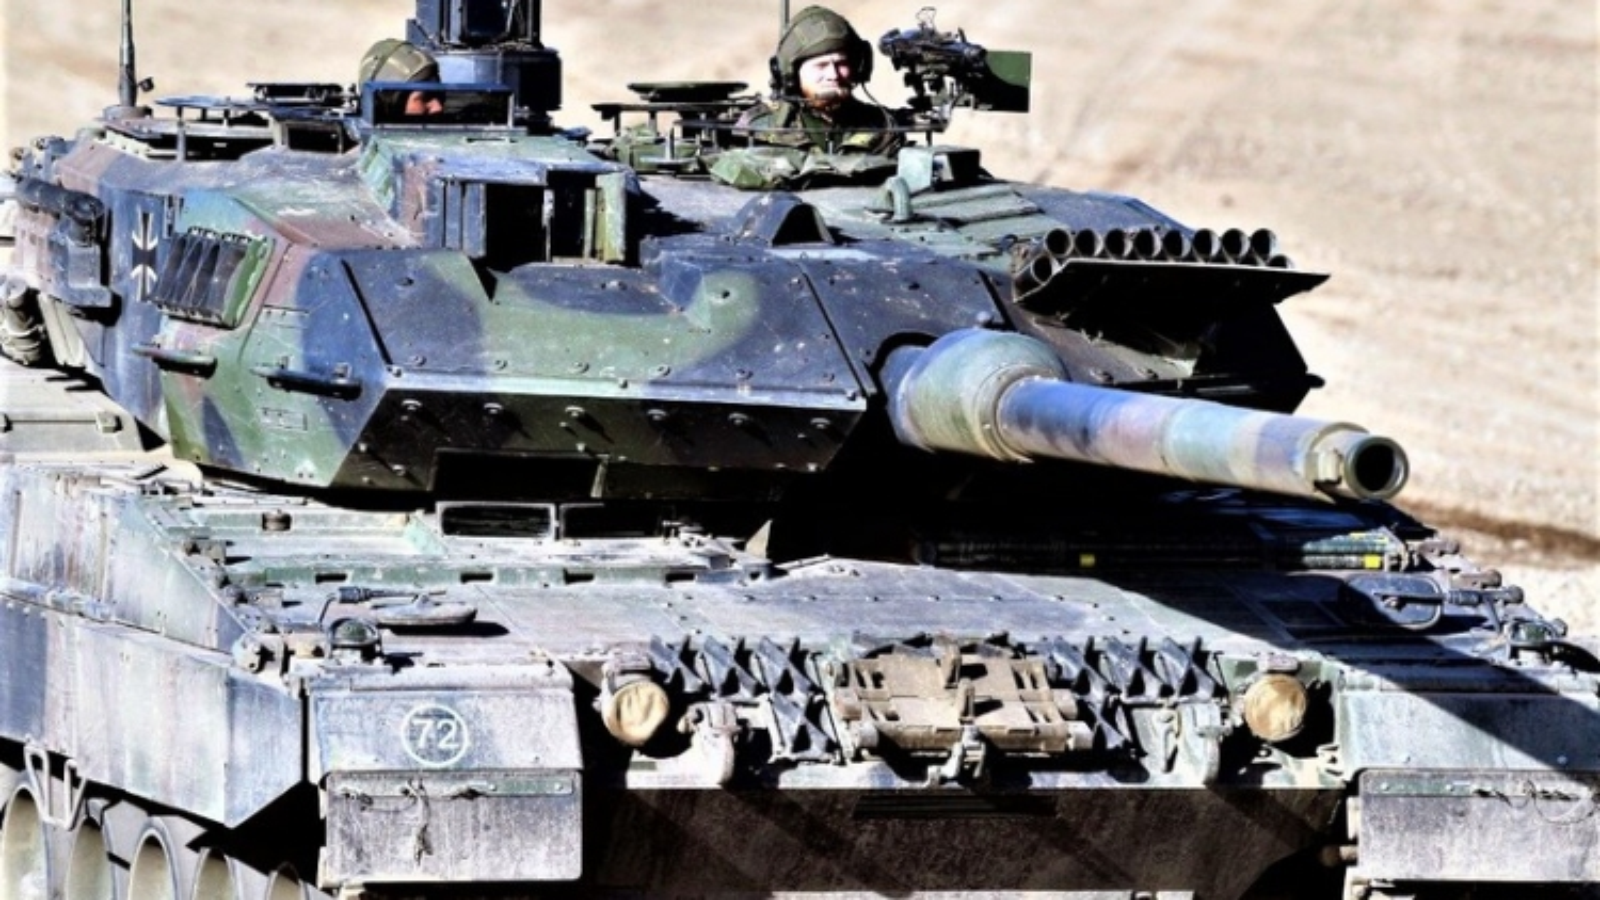 5 hướng hoàn thiện để xe tăng đáp ứng đòi hỏi của chiến tranh hiện đại